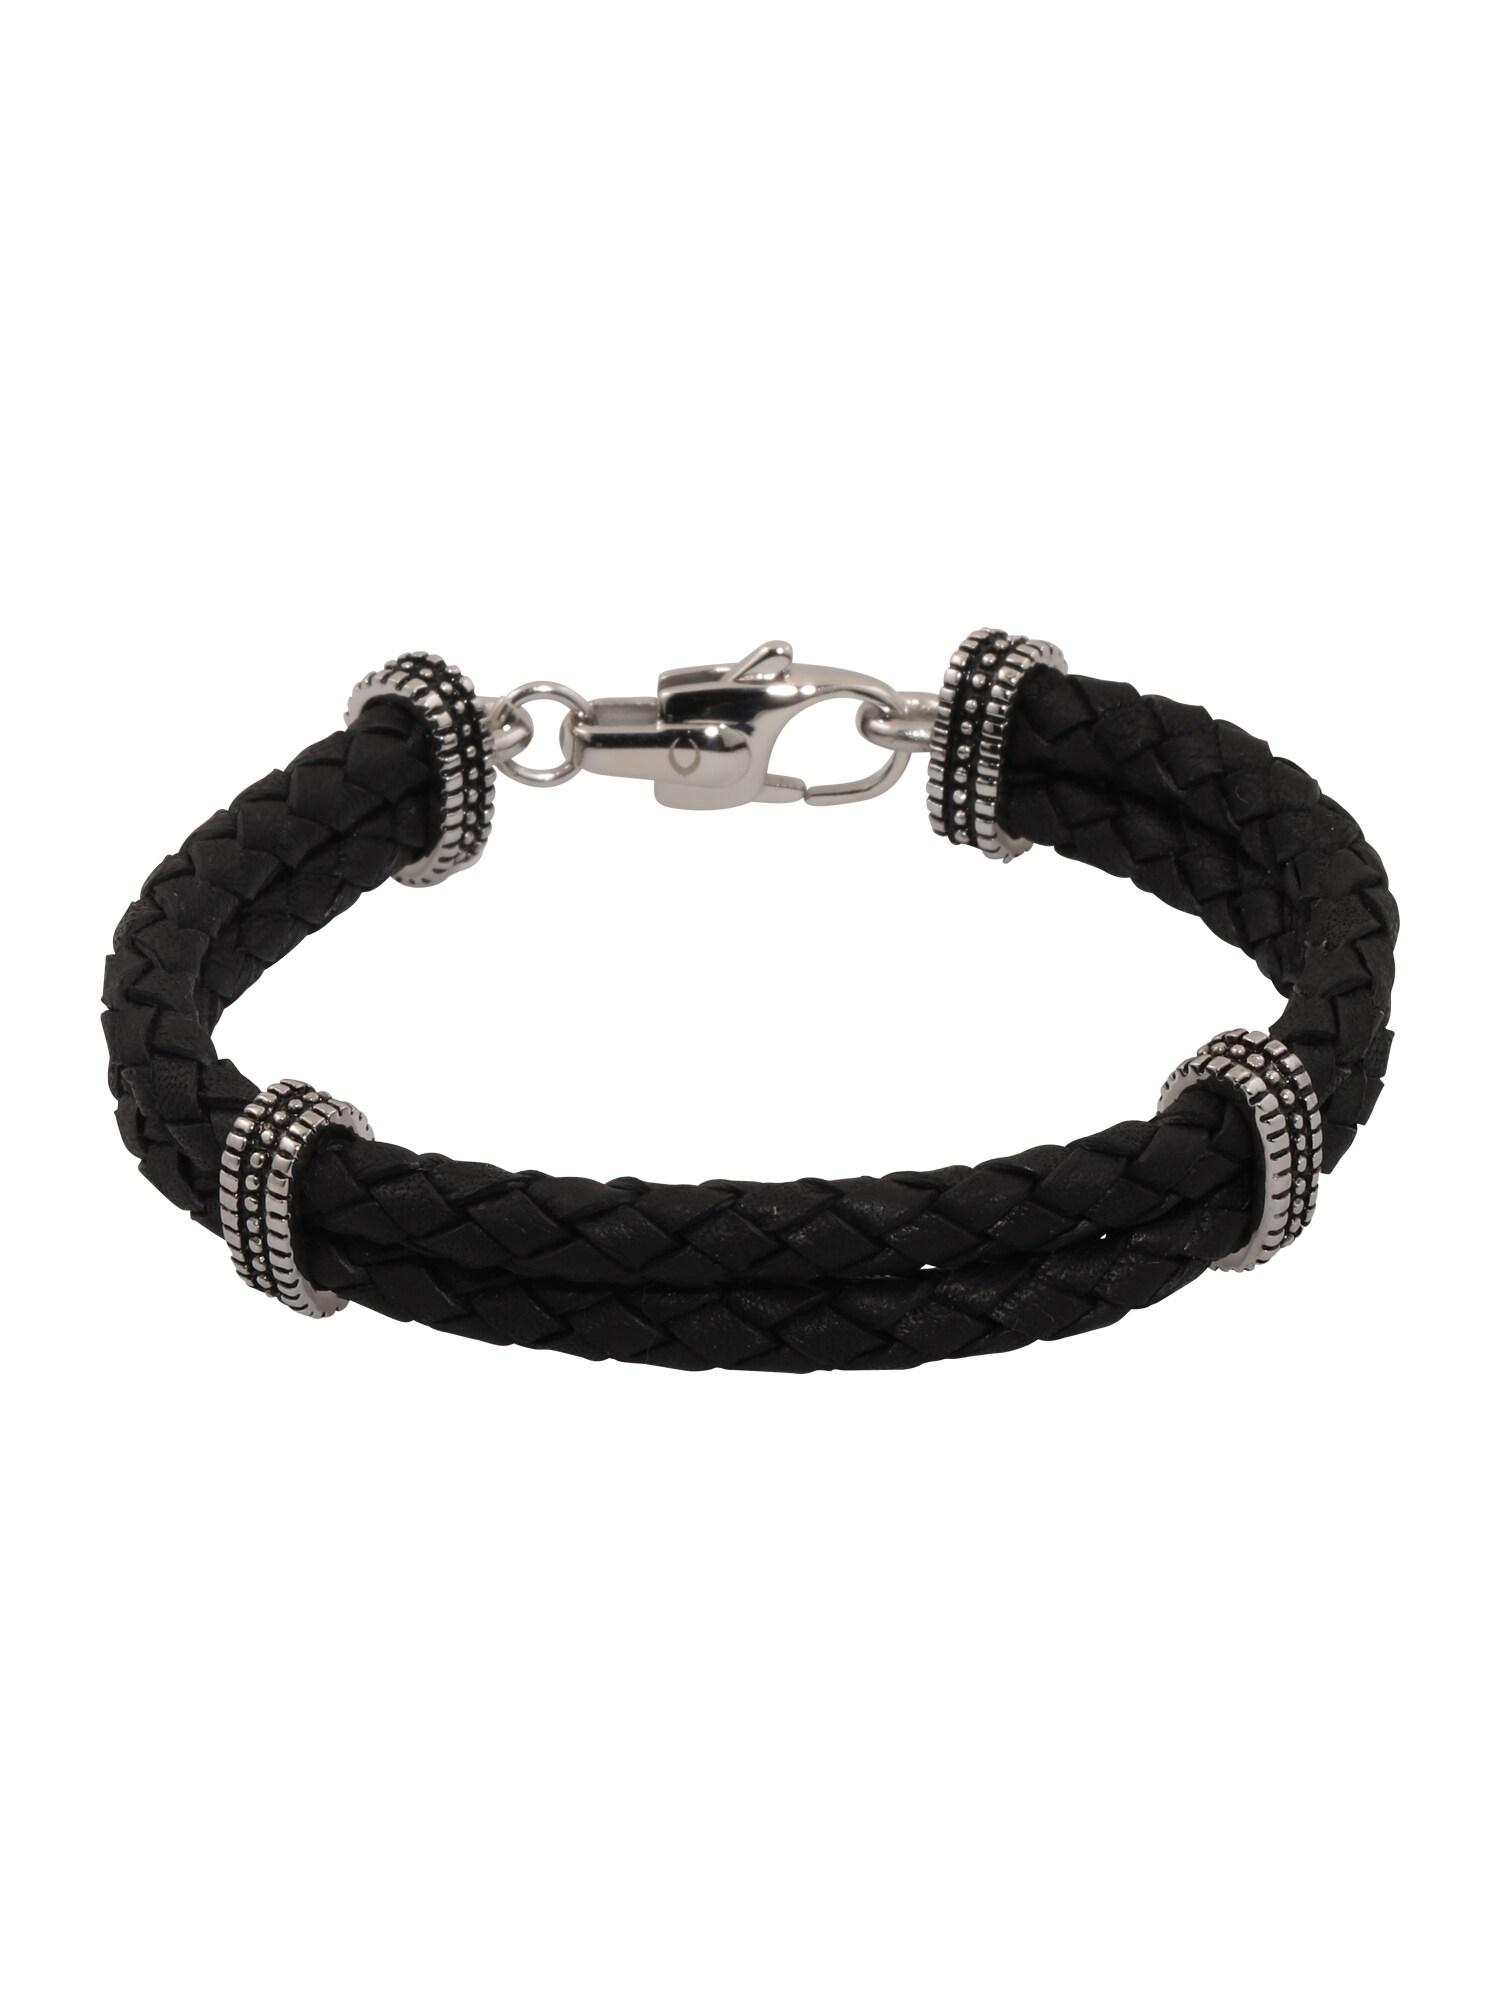 Náramek Leather Bracelet black černá ROYAL-EGO